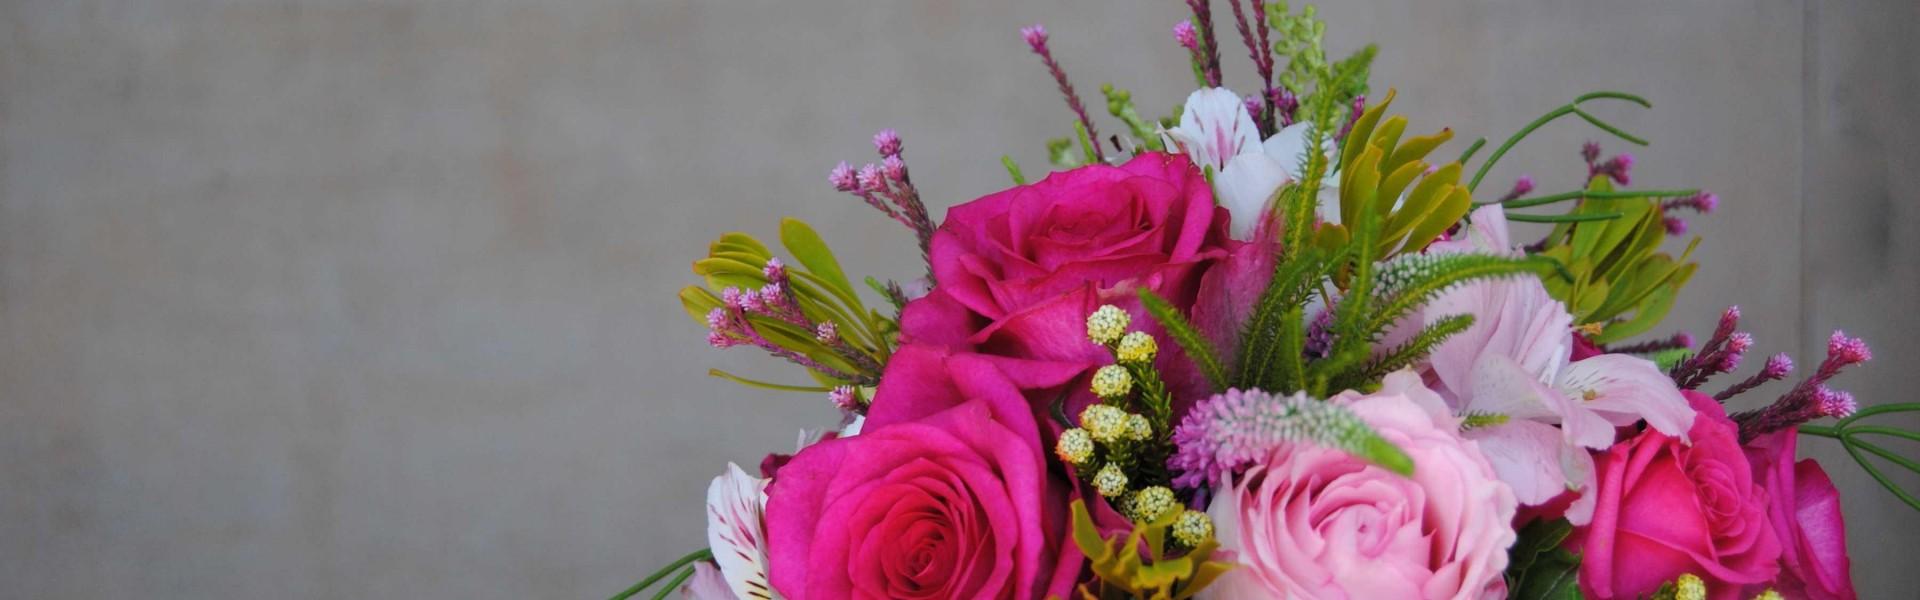 Ancolie Fleurs et Bouquets